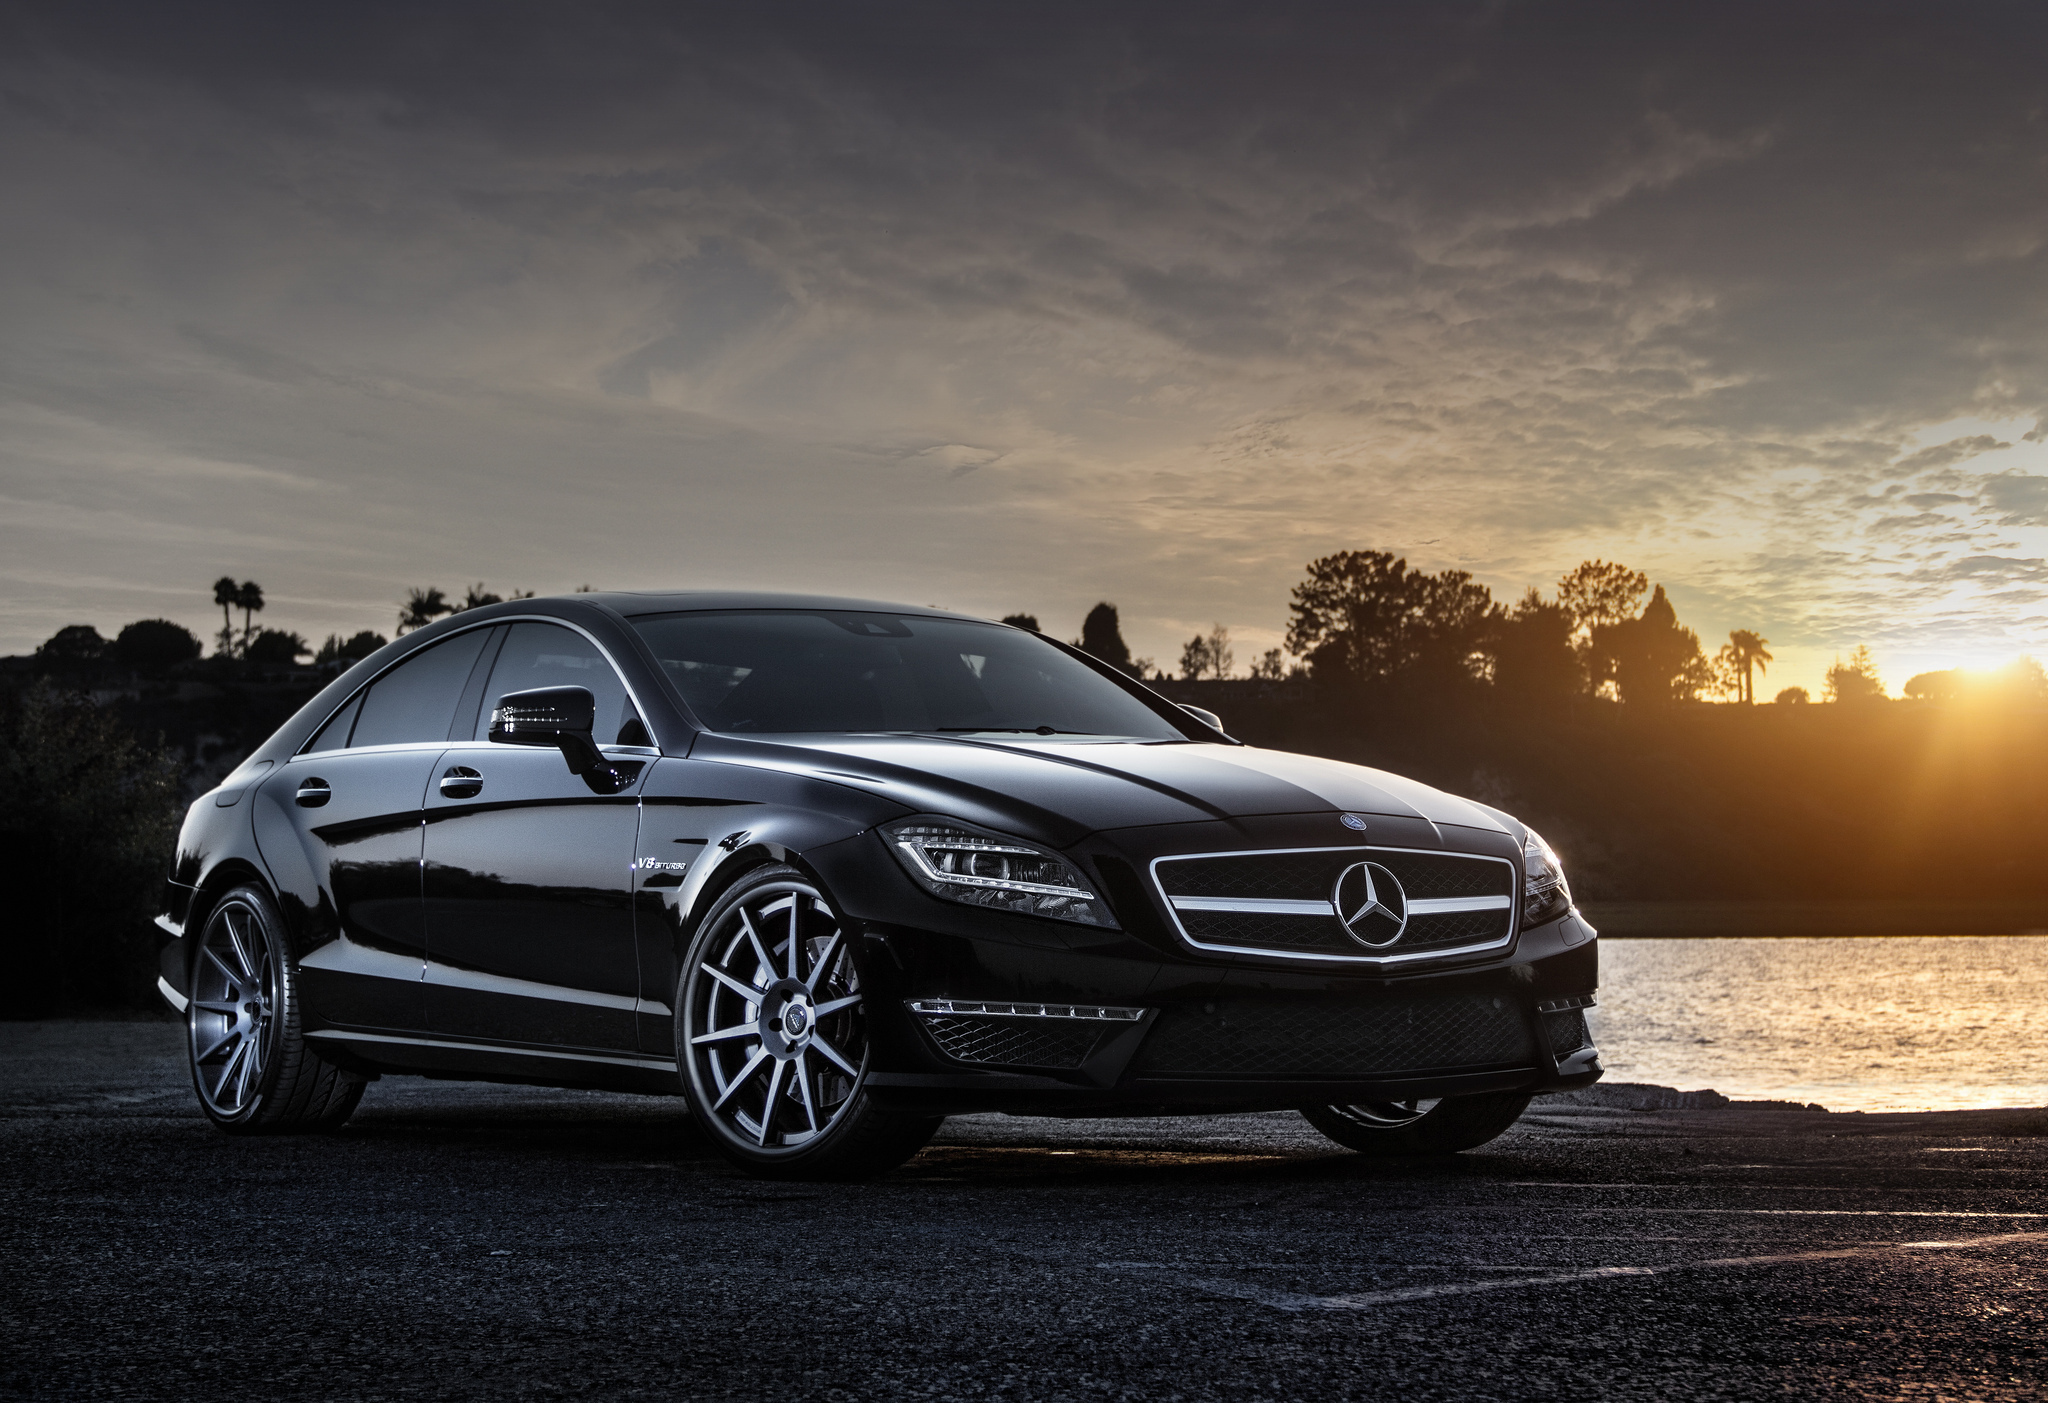 20108 скачать обои Транспорт, Машины, Мерседес (Mercedes) - заставки и картинки бесплатно